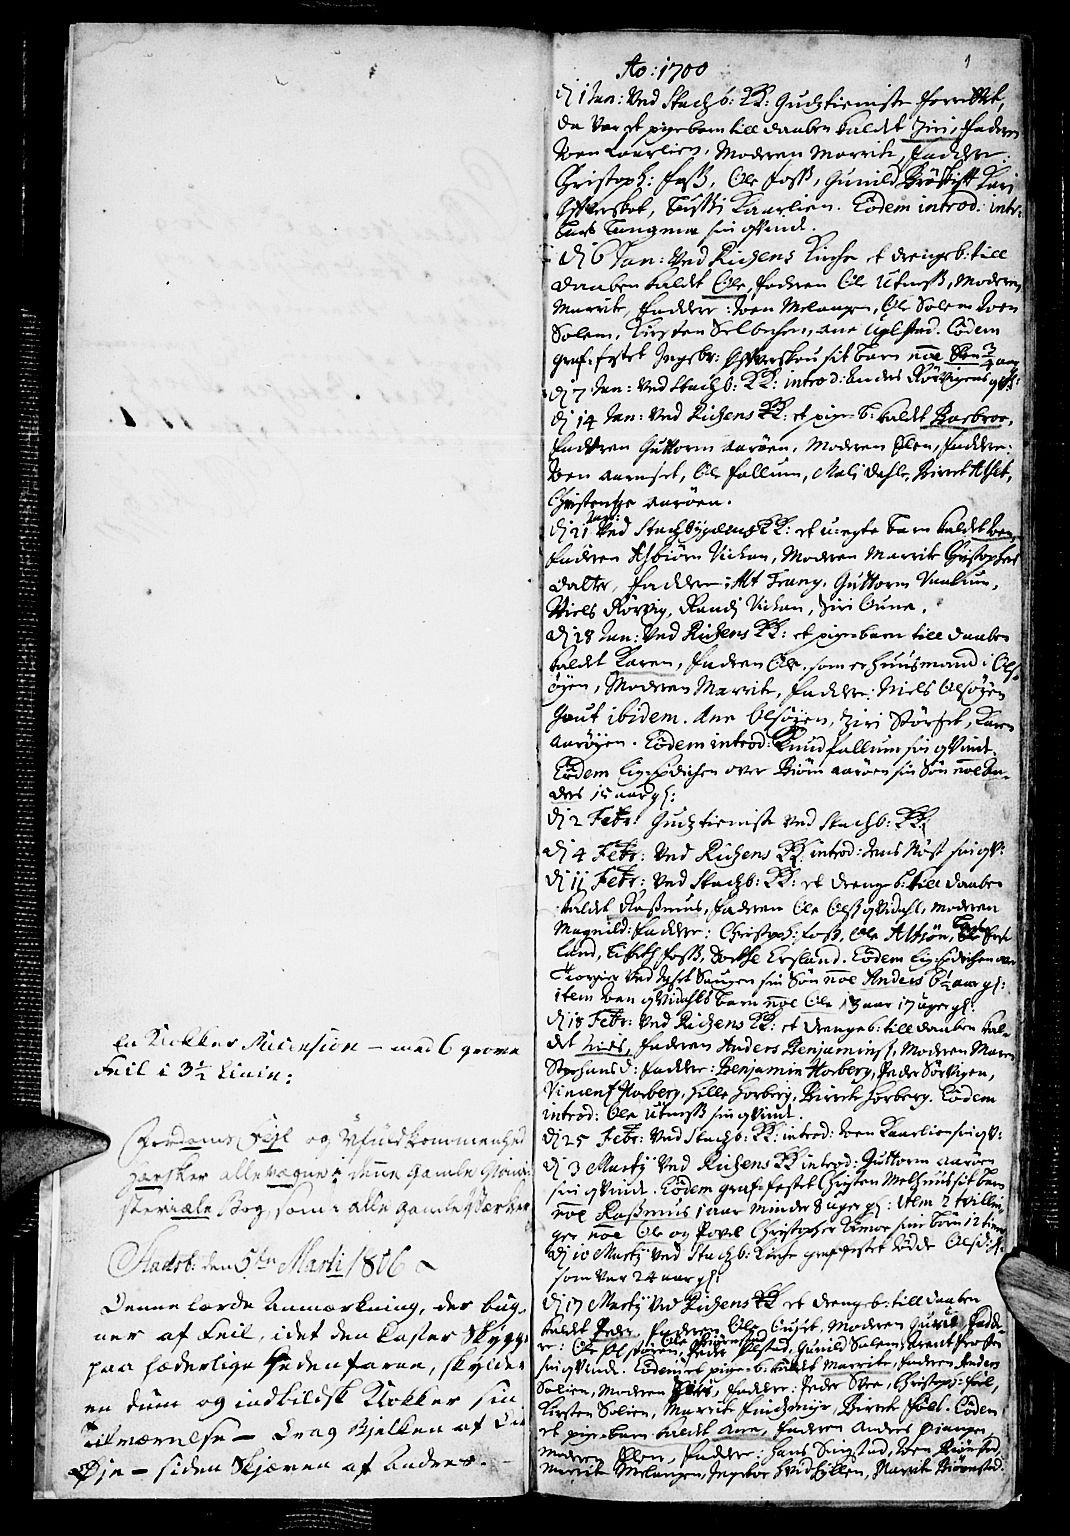 SAT, Ministerialprotokoller, klokkerbøker og fødselsregistre - Sør-Trøndelag, 646/L0603: Ministerialbok nr. 646A01, 1700-1734, s. 1